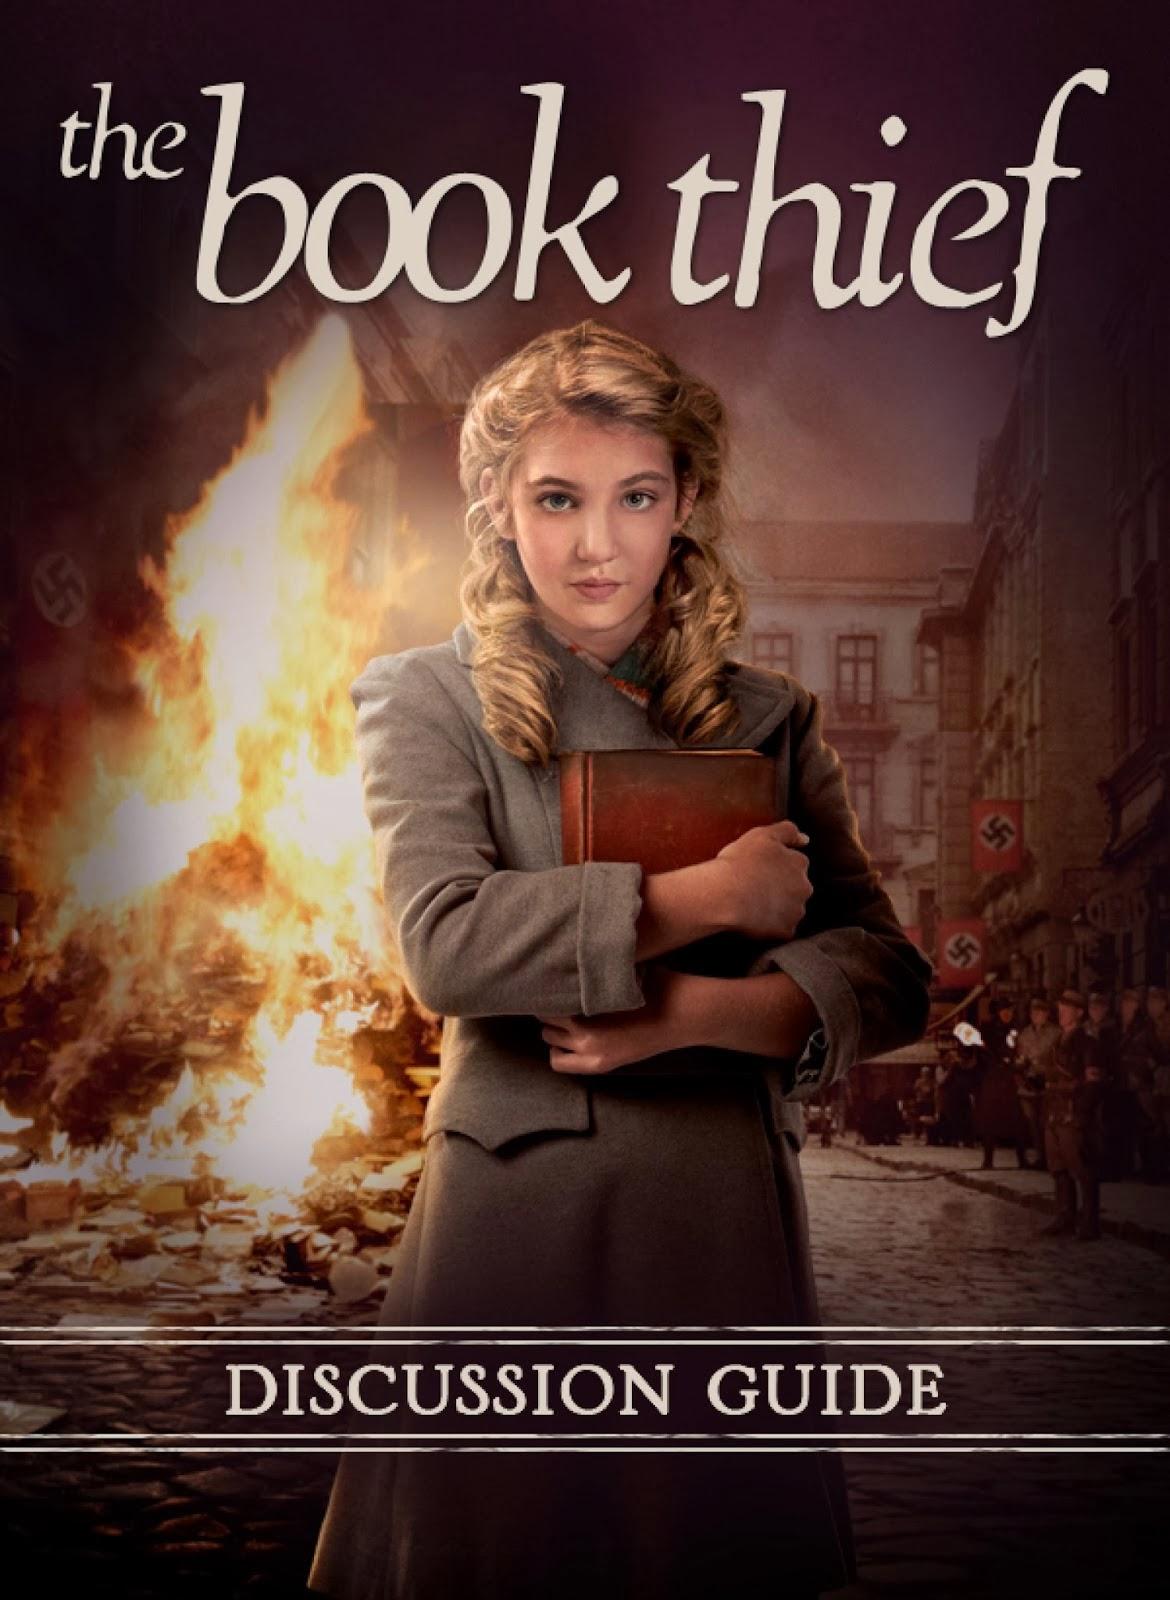 The Book Thief, Fox Home Entertainment